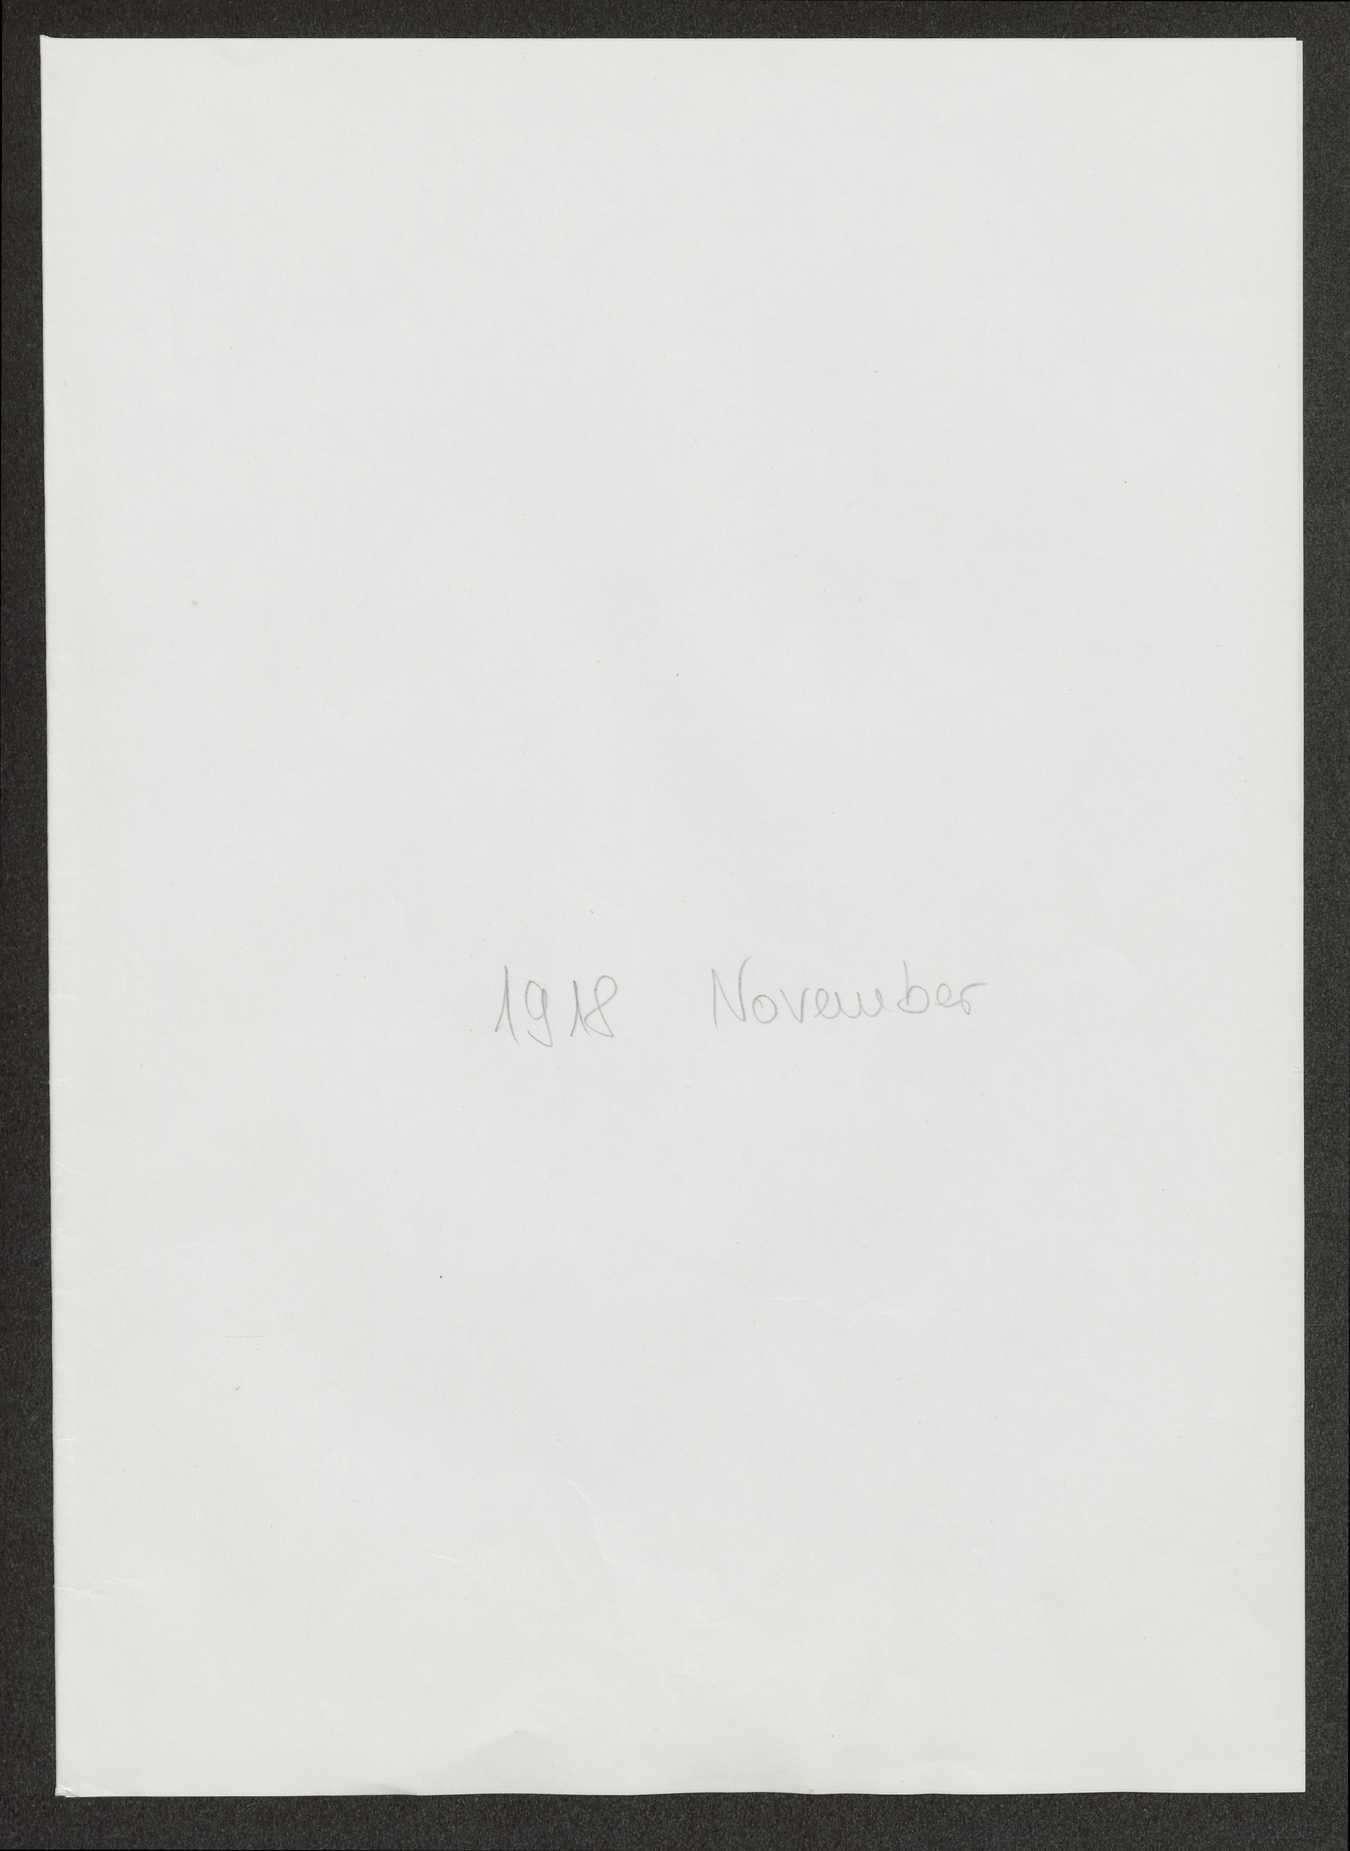 Bataillonsbefehle des Ersatz-Bataillons des Infanterie-Regiments Nr. 475, Bild 1